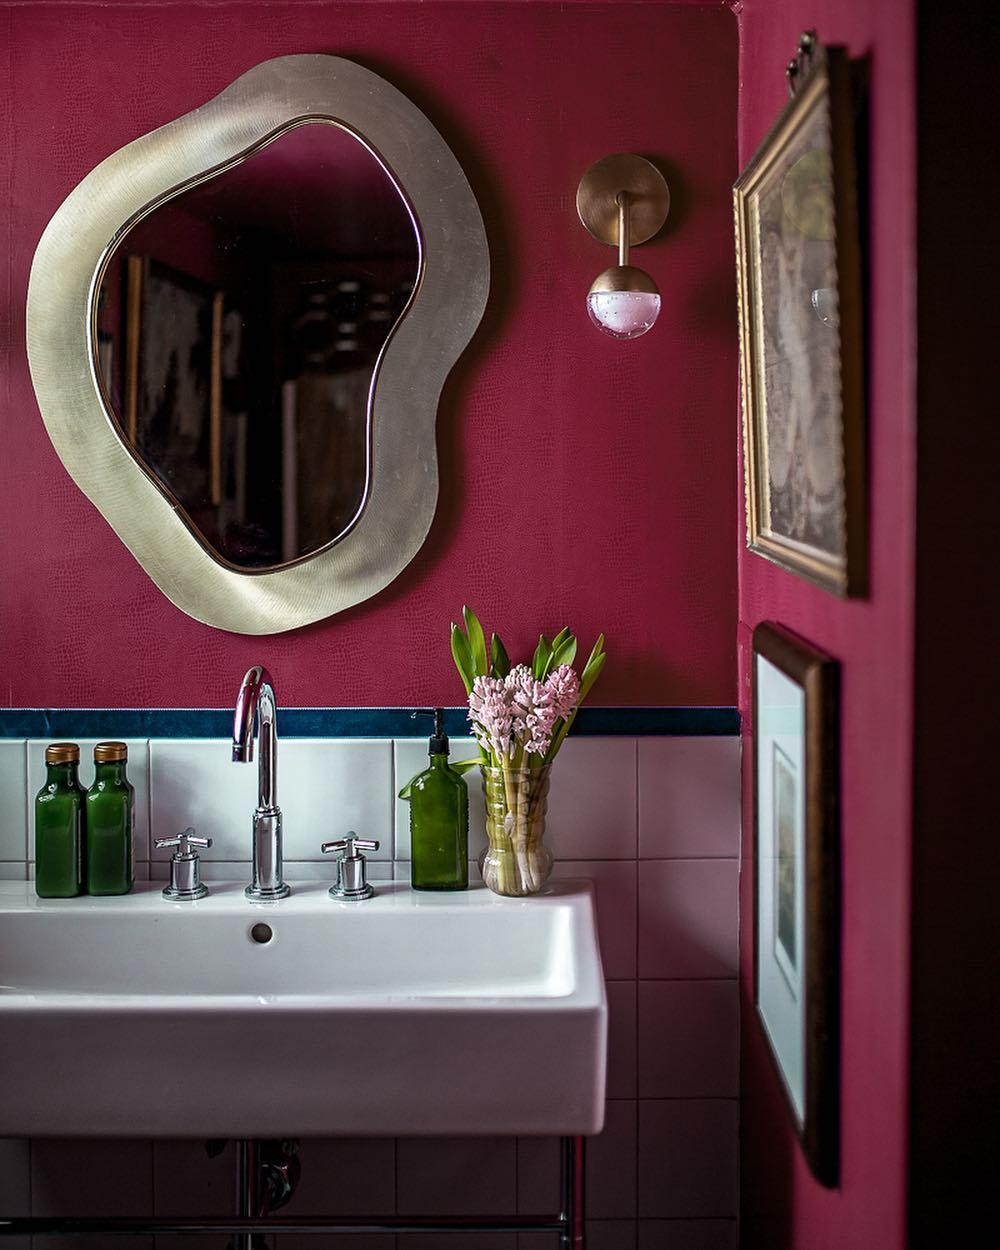 卫生间洗漱台其他卫生间设计图片赏析